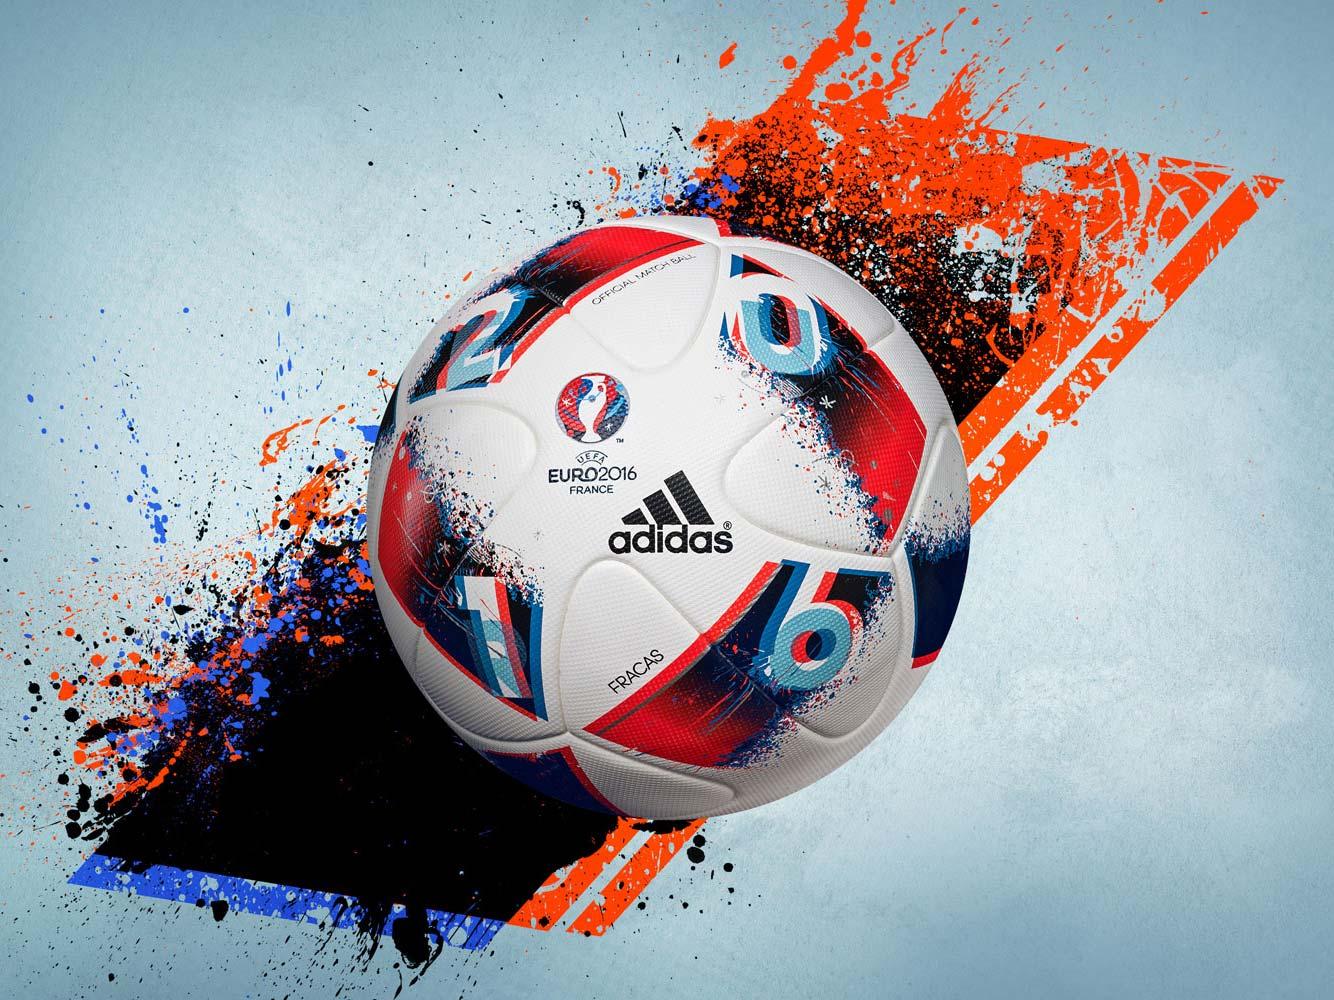 мяч спорт EURO 2016 adidas  № 3918582  скачать